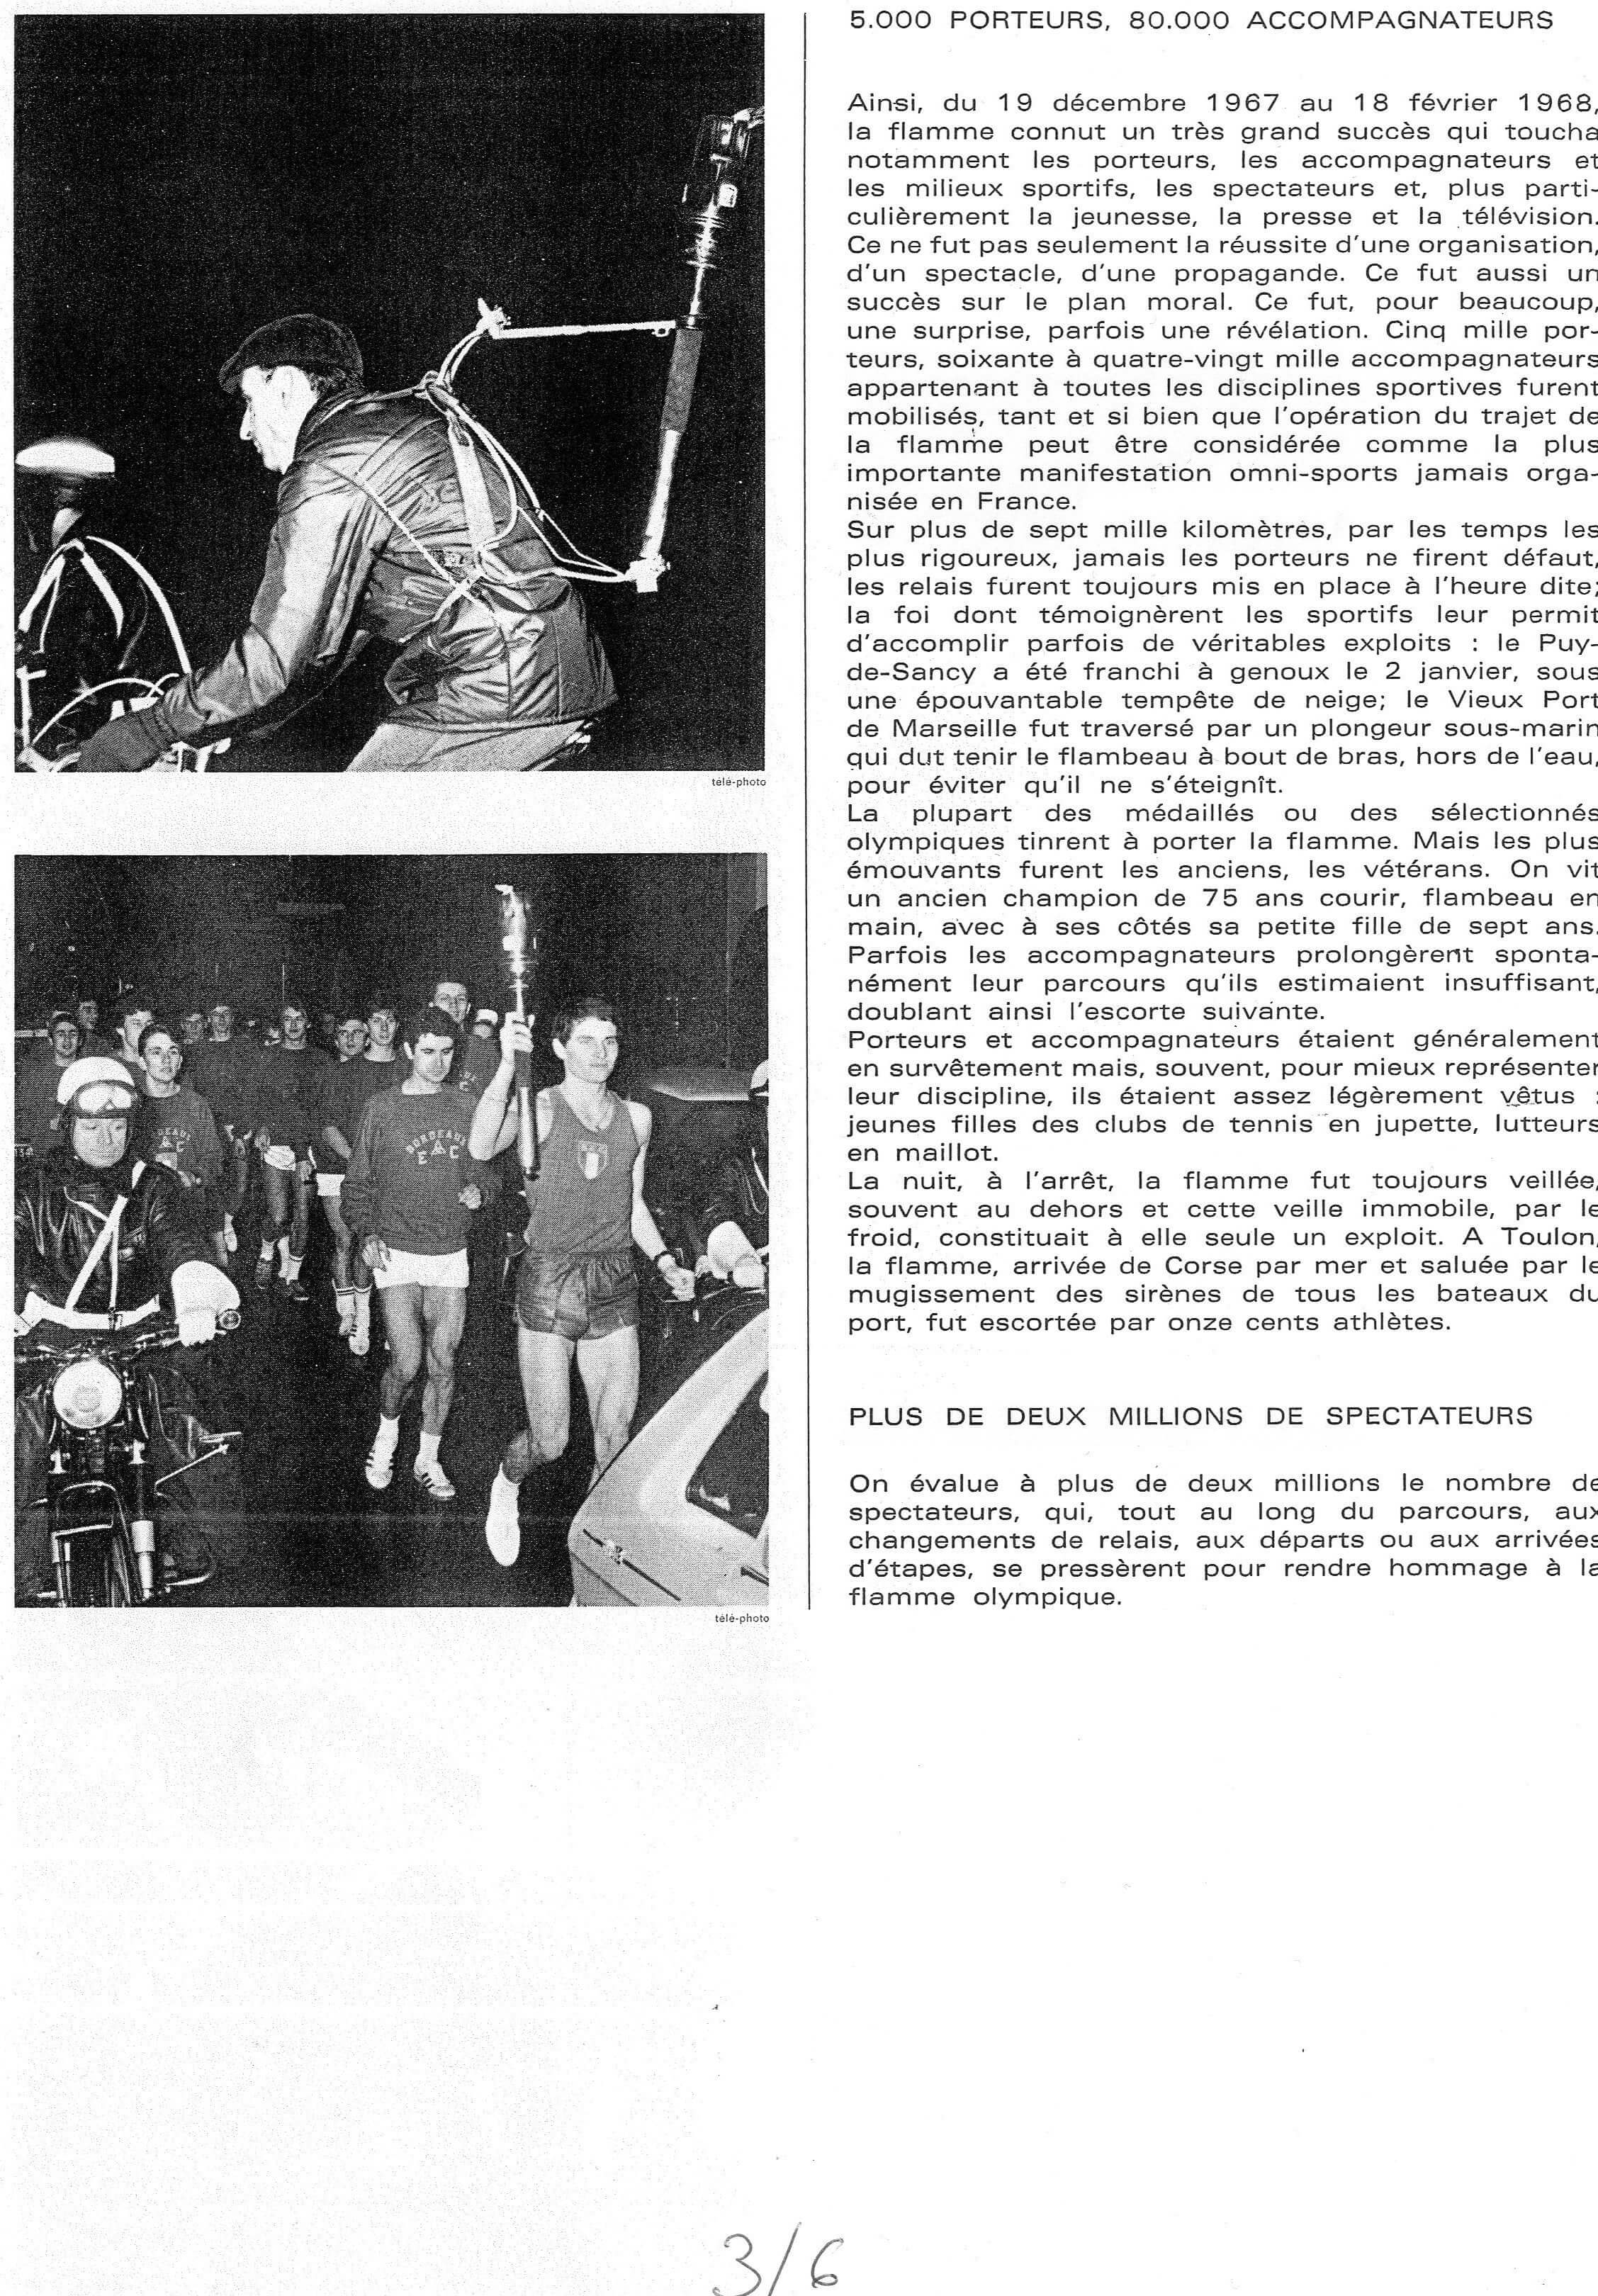 Porteurs de Flamme JO 1968_3